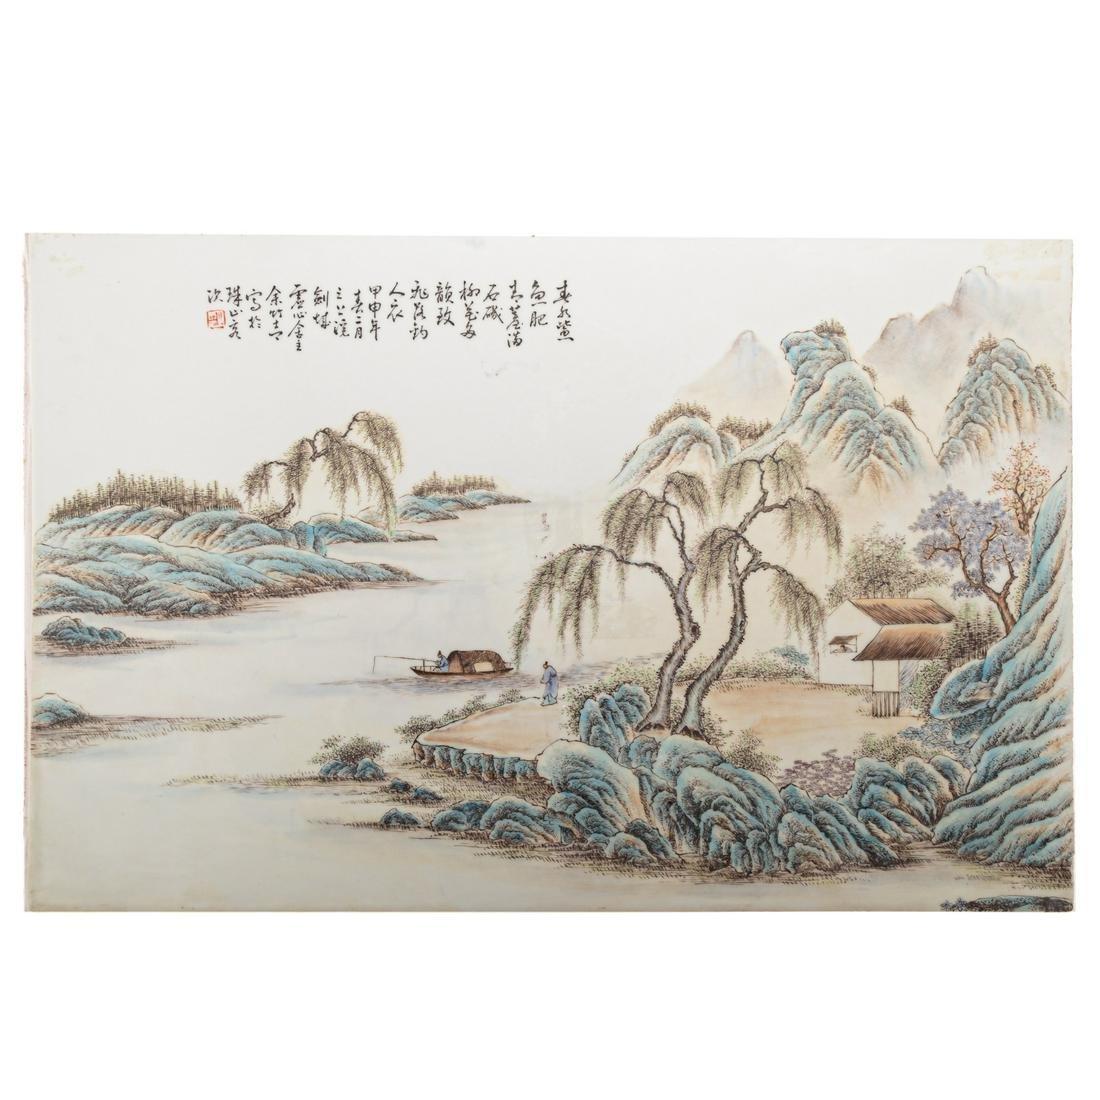 Chinese Painted Landscape Porcelain Plaque